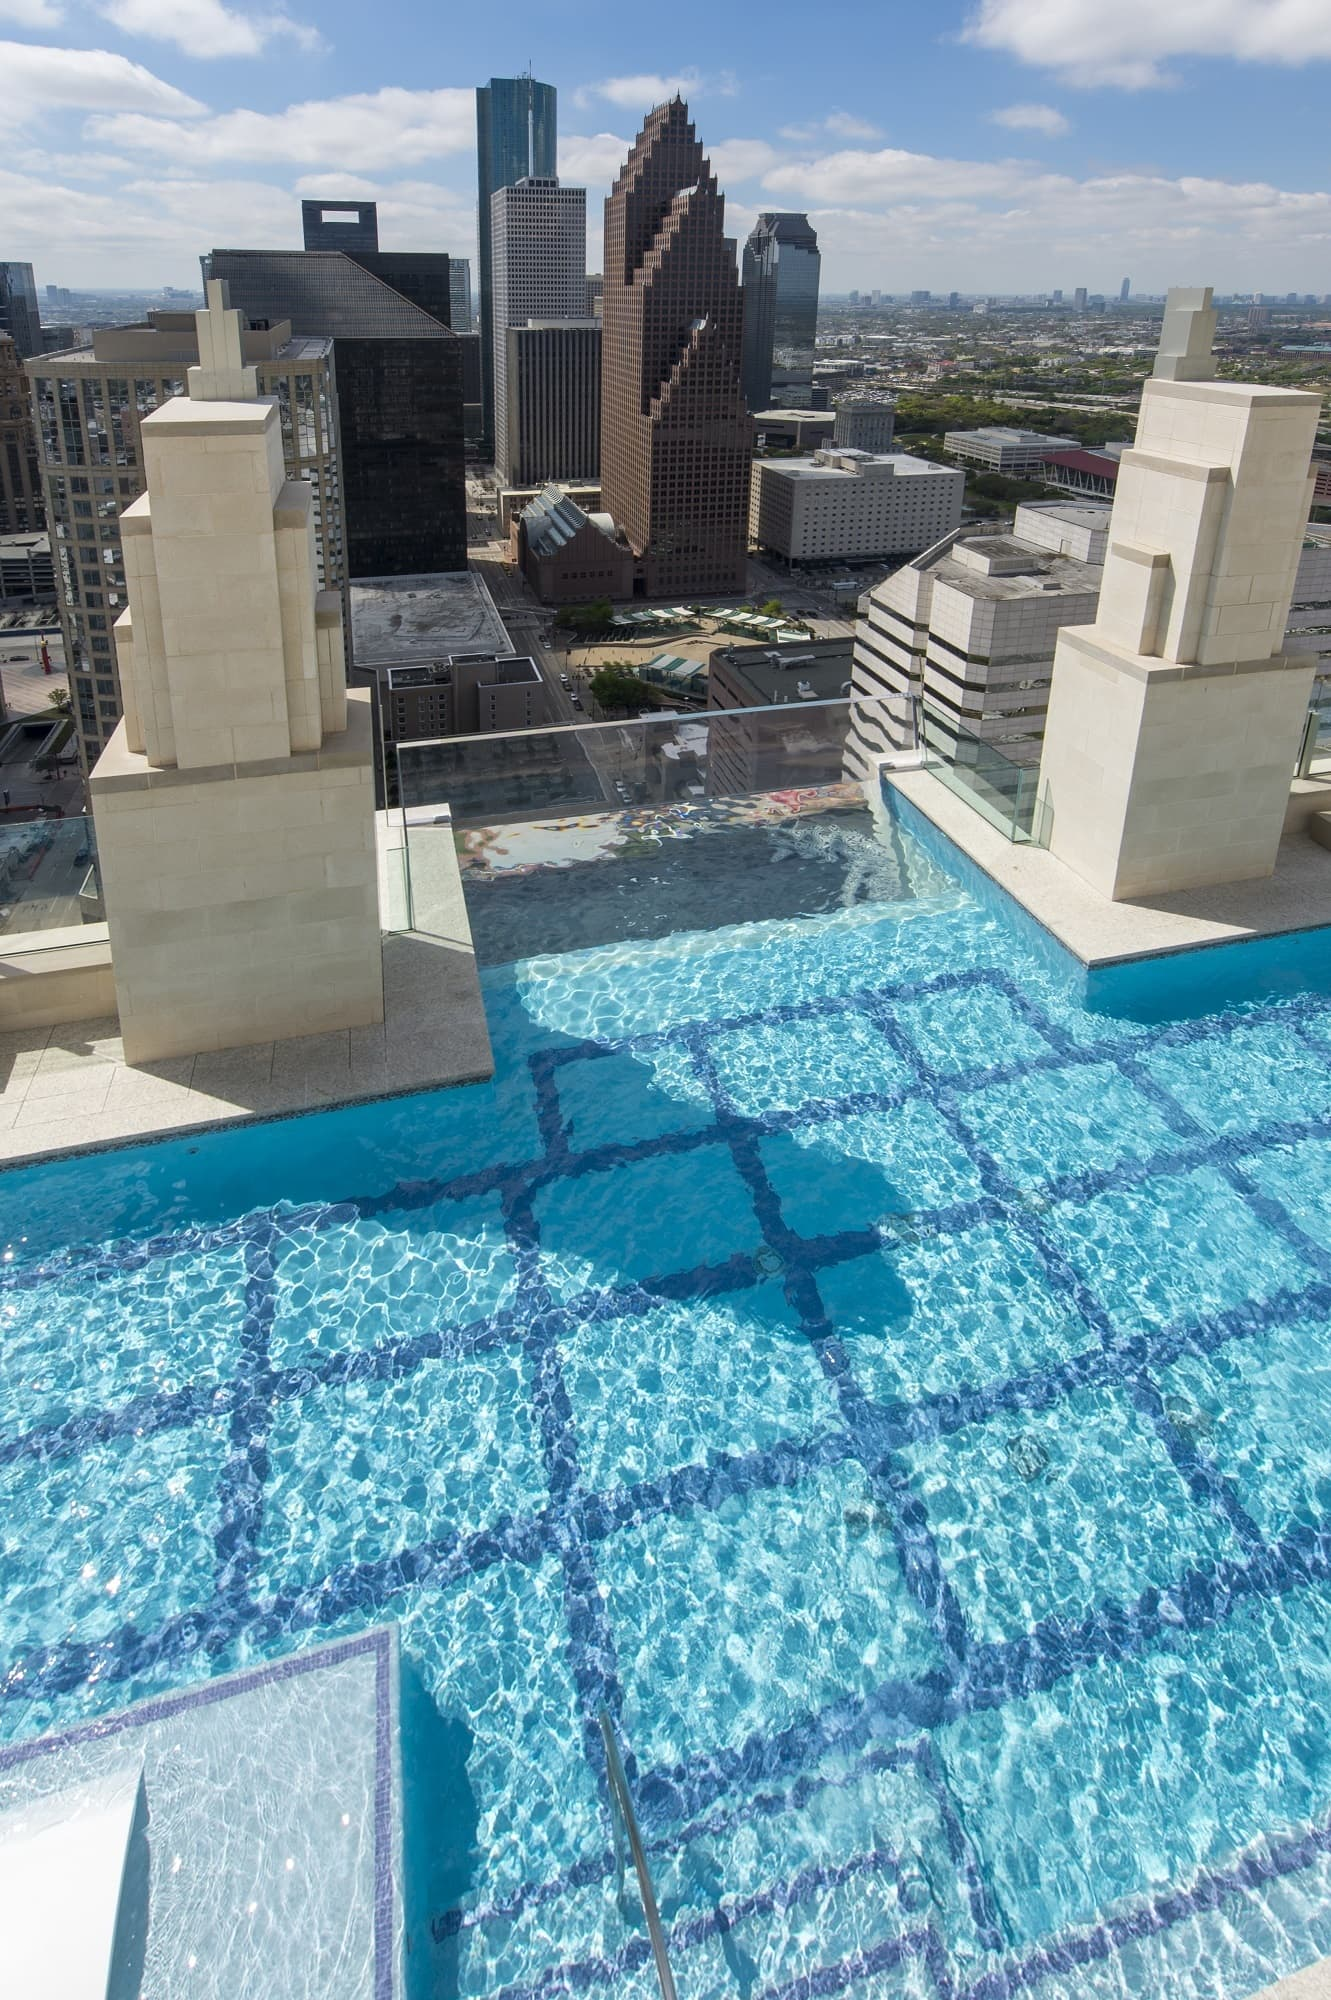 Glass-bottomed pool 500 feet above Houston | CNN Travel